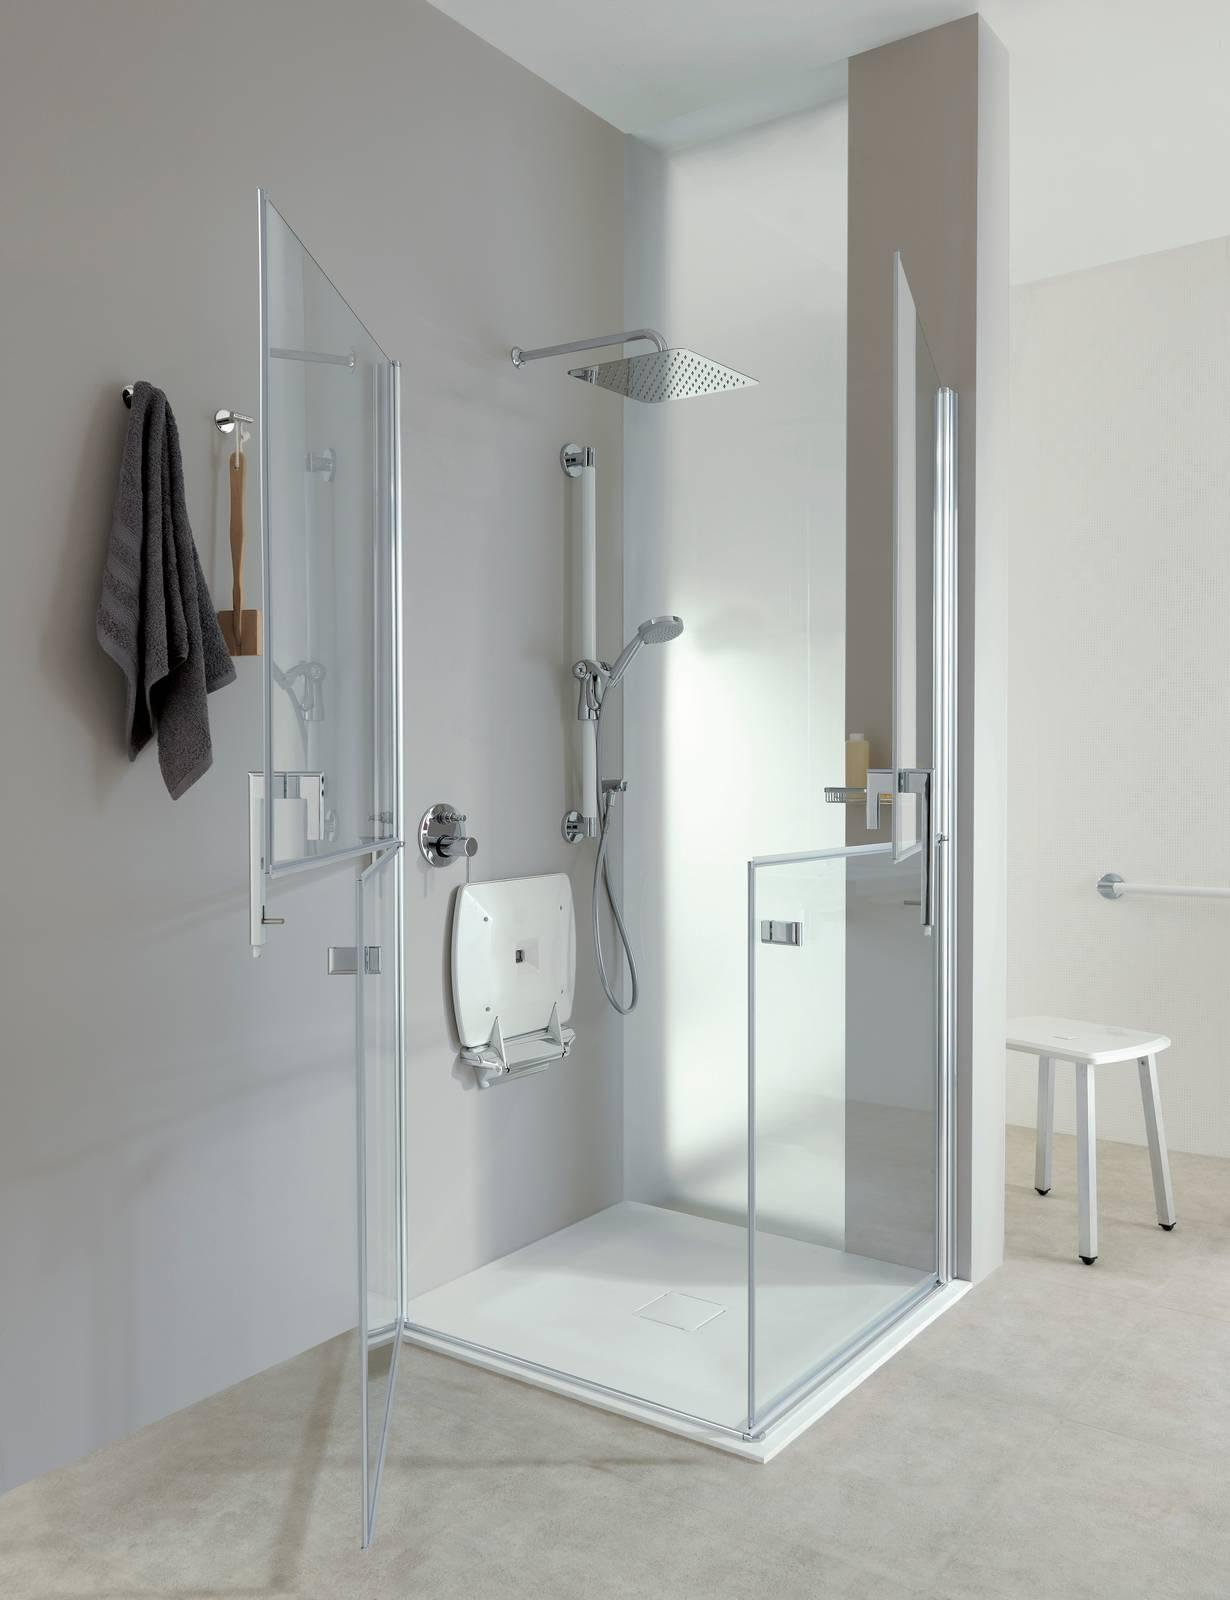 Sedile Per Box Doccia.Doccia Age Friendly Inclusive Design Per Il Bagno Sicuro Di Ponte Giulio Cose Di Casa